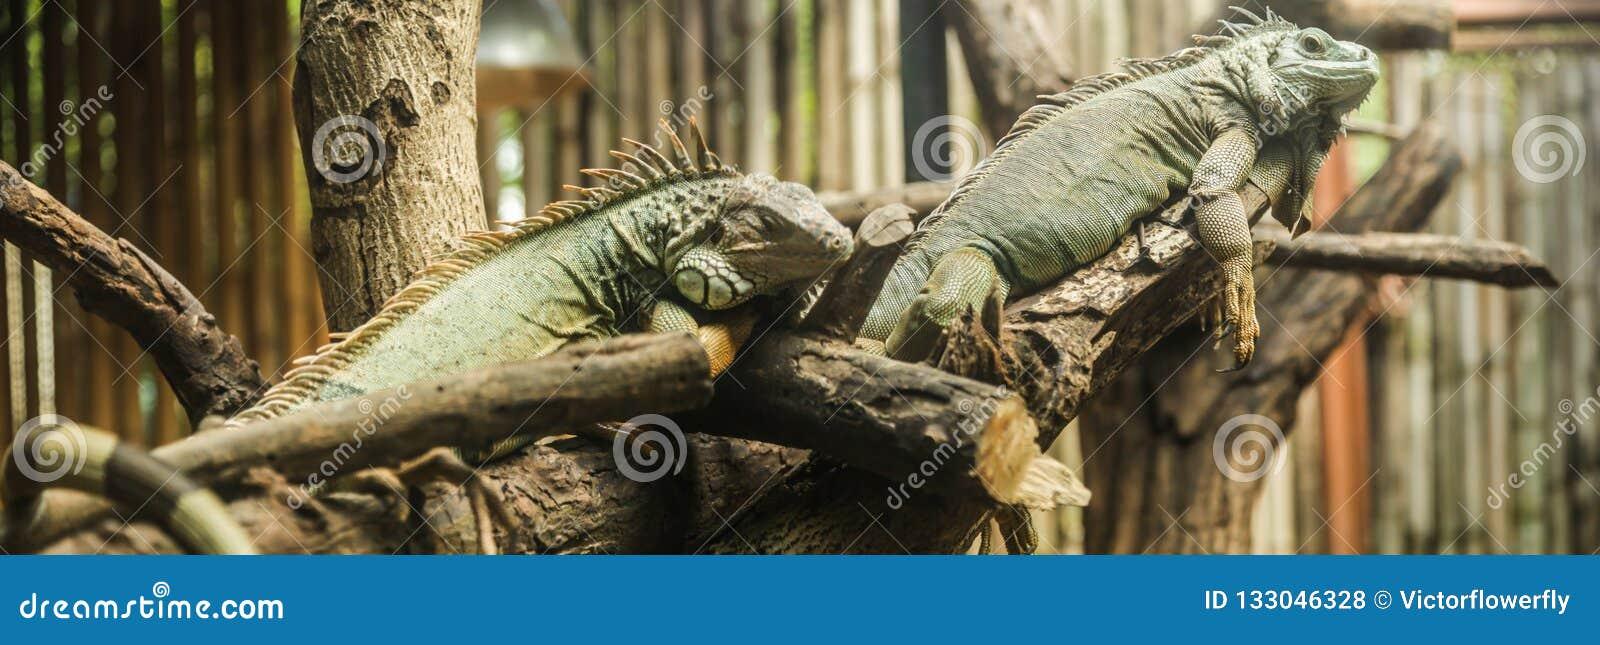 L iguane vert d iguane d iguane, également connu sous le nom d iguane américain, est un grand, arborescent, lézard Trouvé en capt